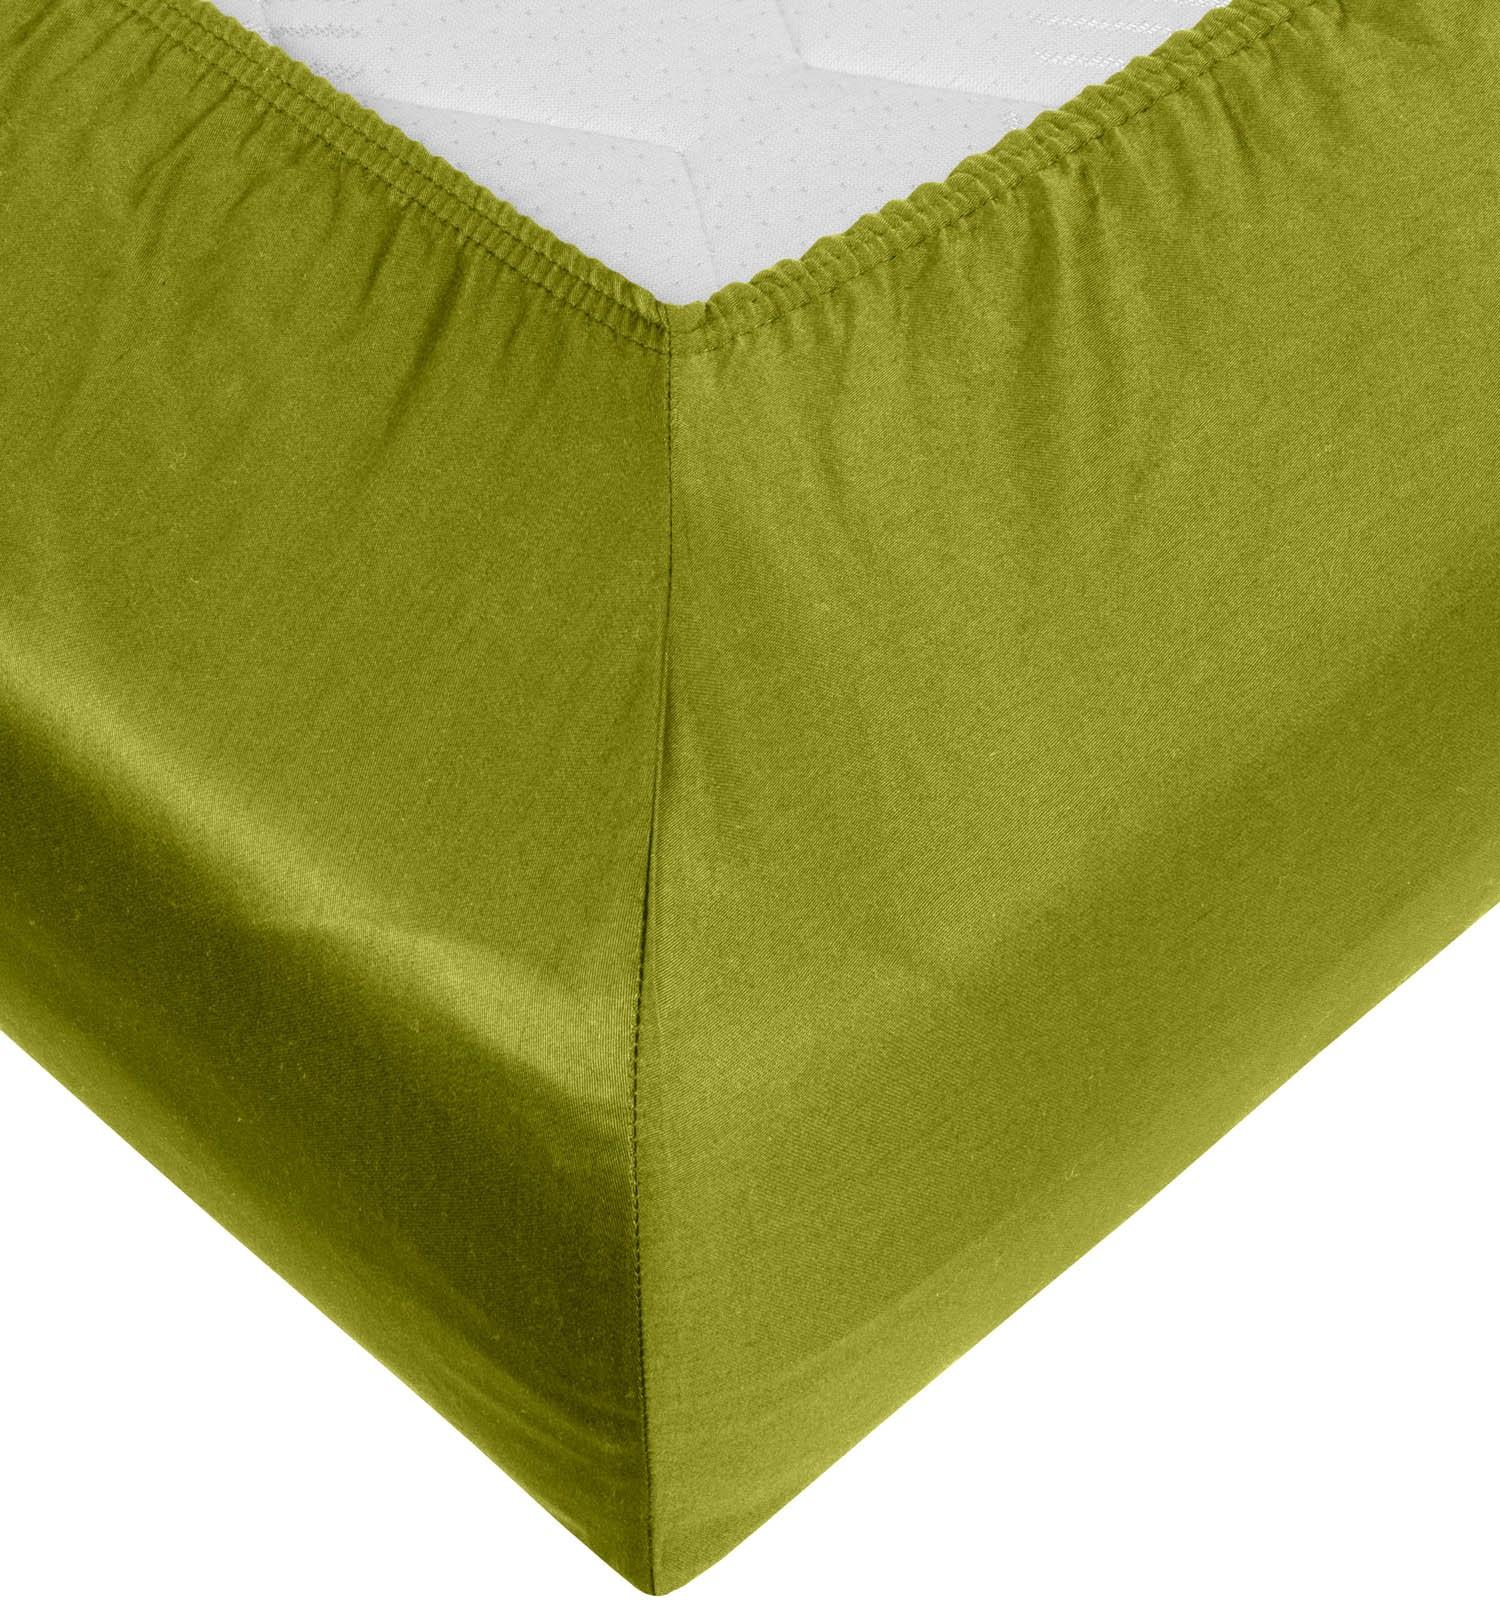 spannbettlaken mako satin gr n jetzt kaufen bms. Black Bedroom Furniture Sets. Home Design Ideas